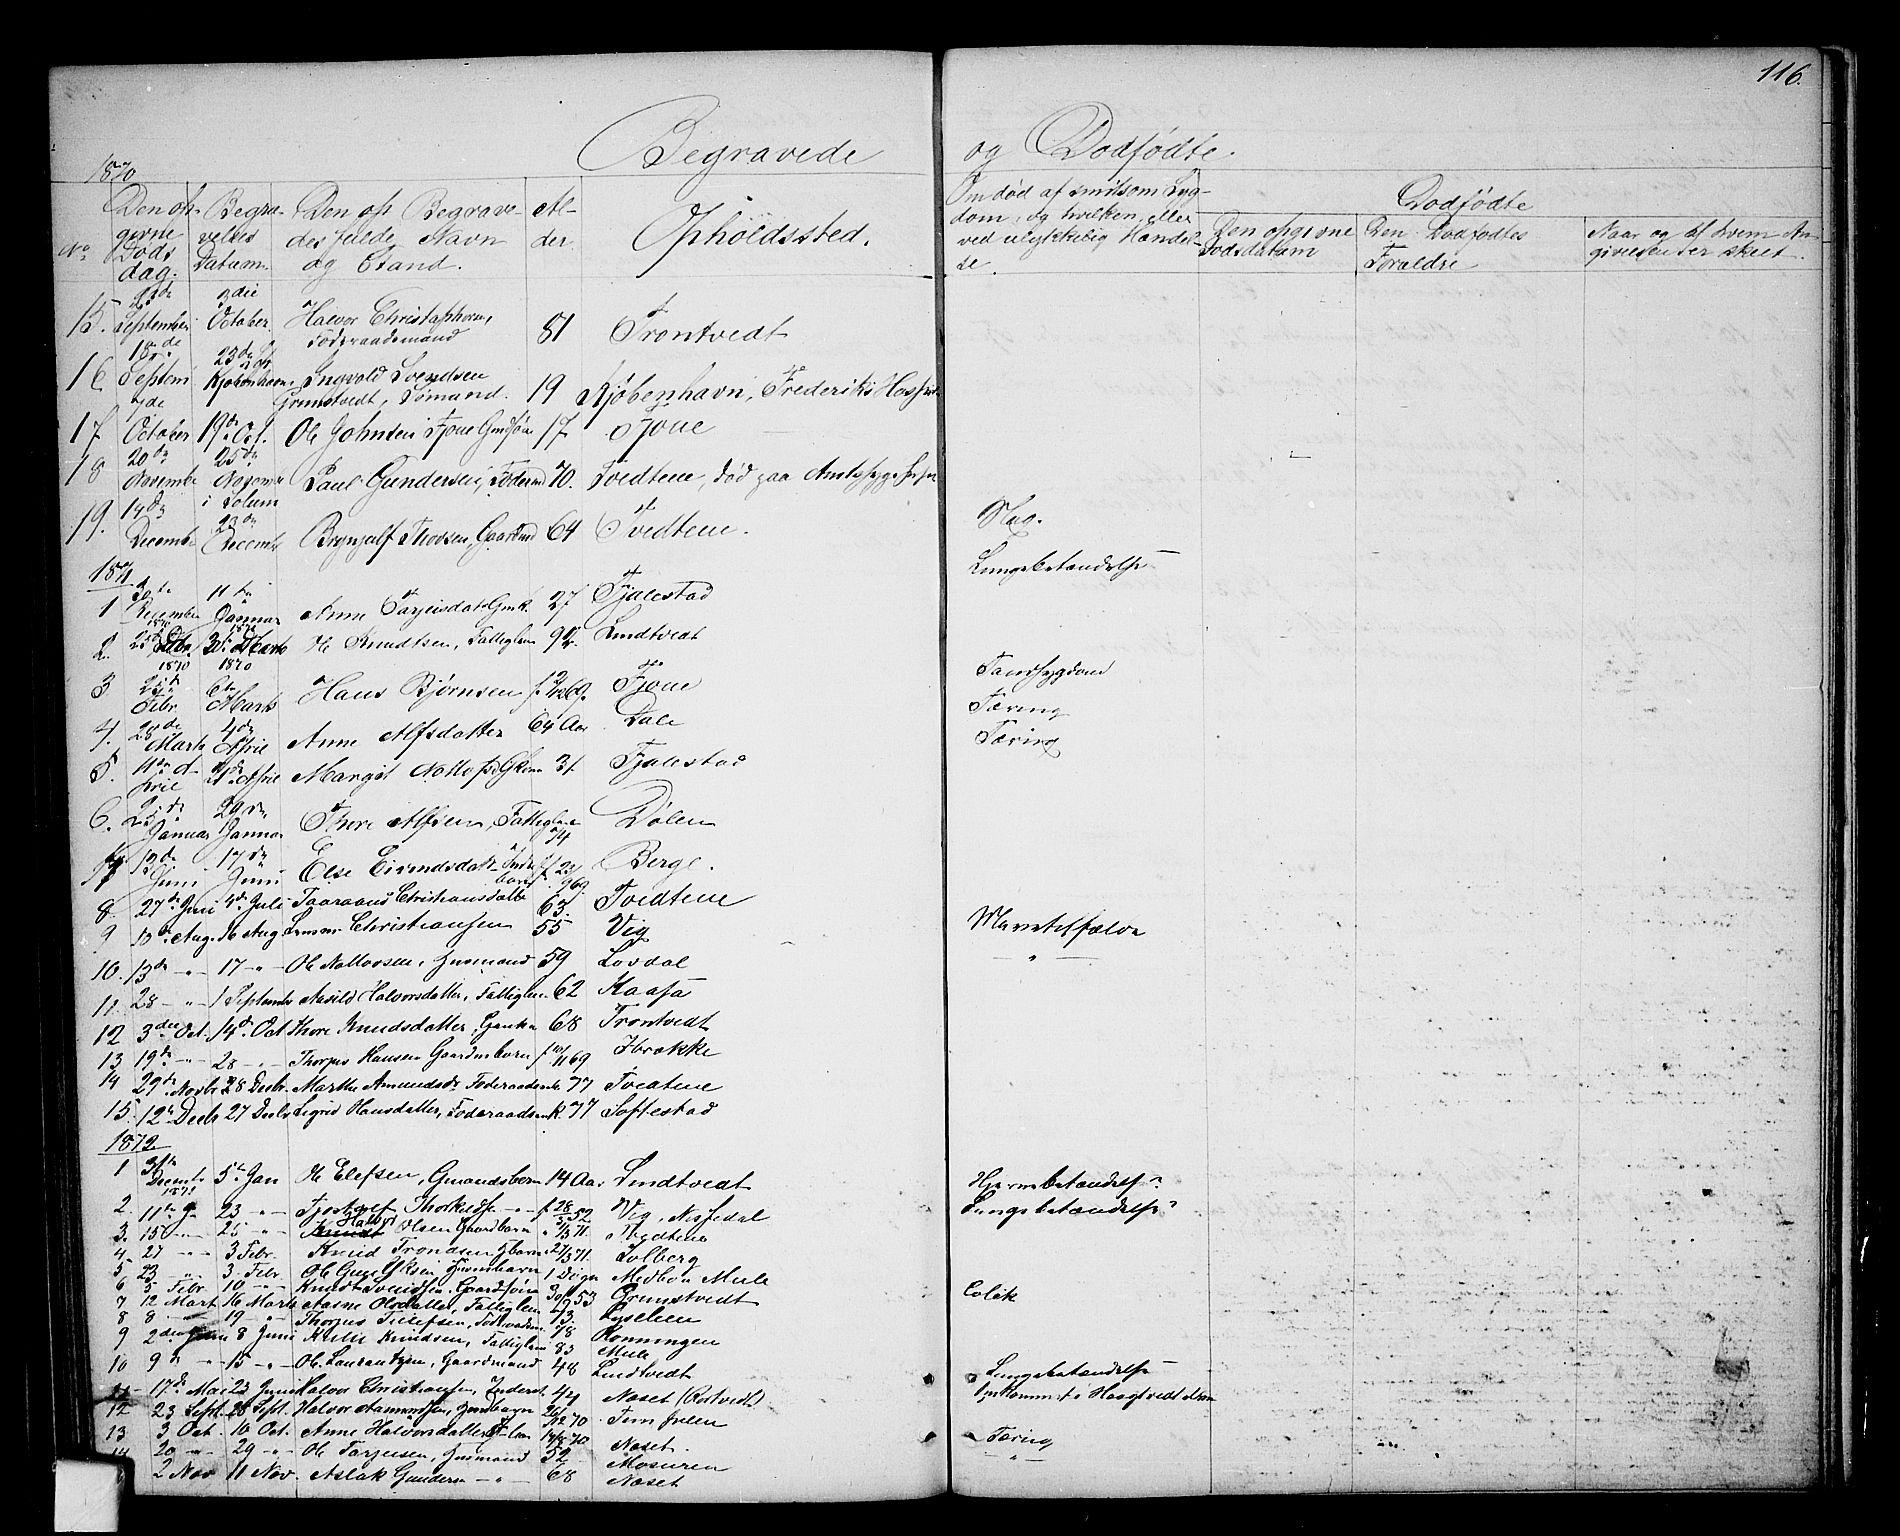 SAKO, Nissedal kirkebøker, G/Ga/L0002: Klokkerbok nr. I 2, 1861-1887, s. 116